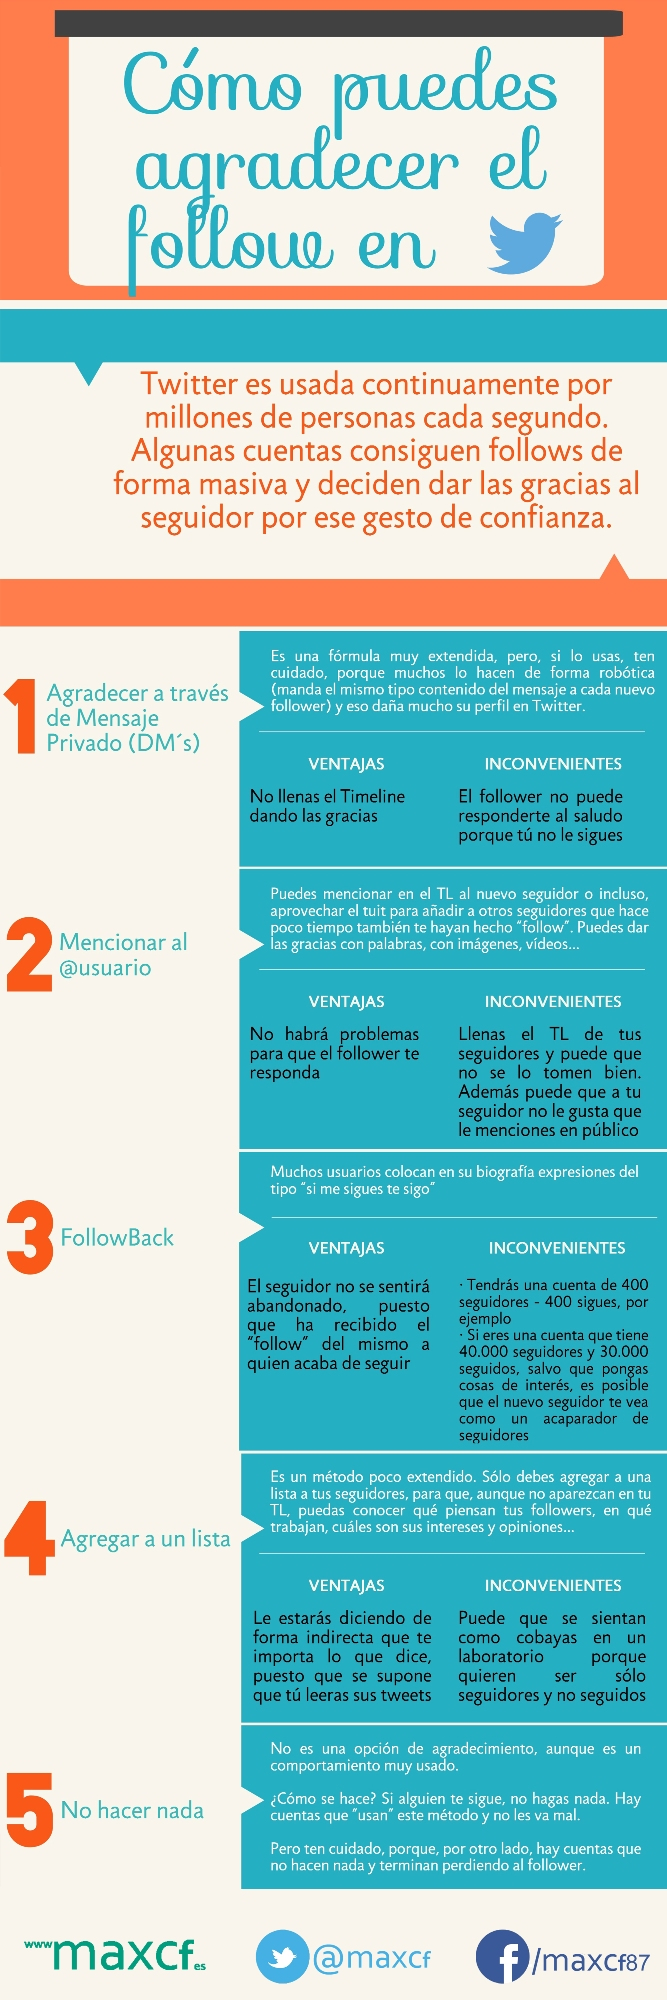 Cómo agradecer un follow en Twitter #infografia #infographic #socialmedia - TICs y Formación